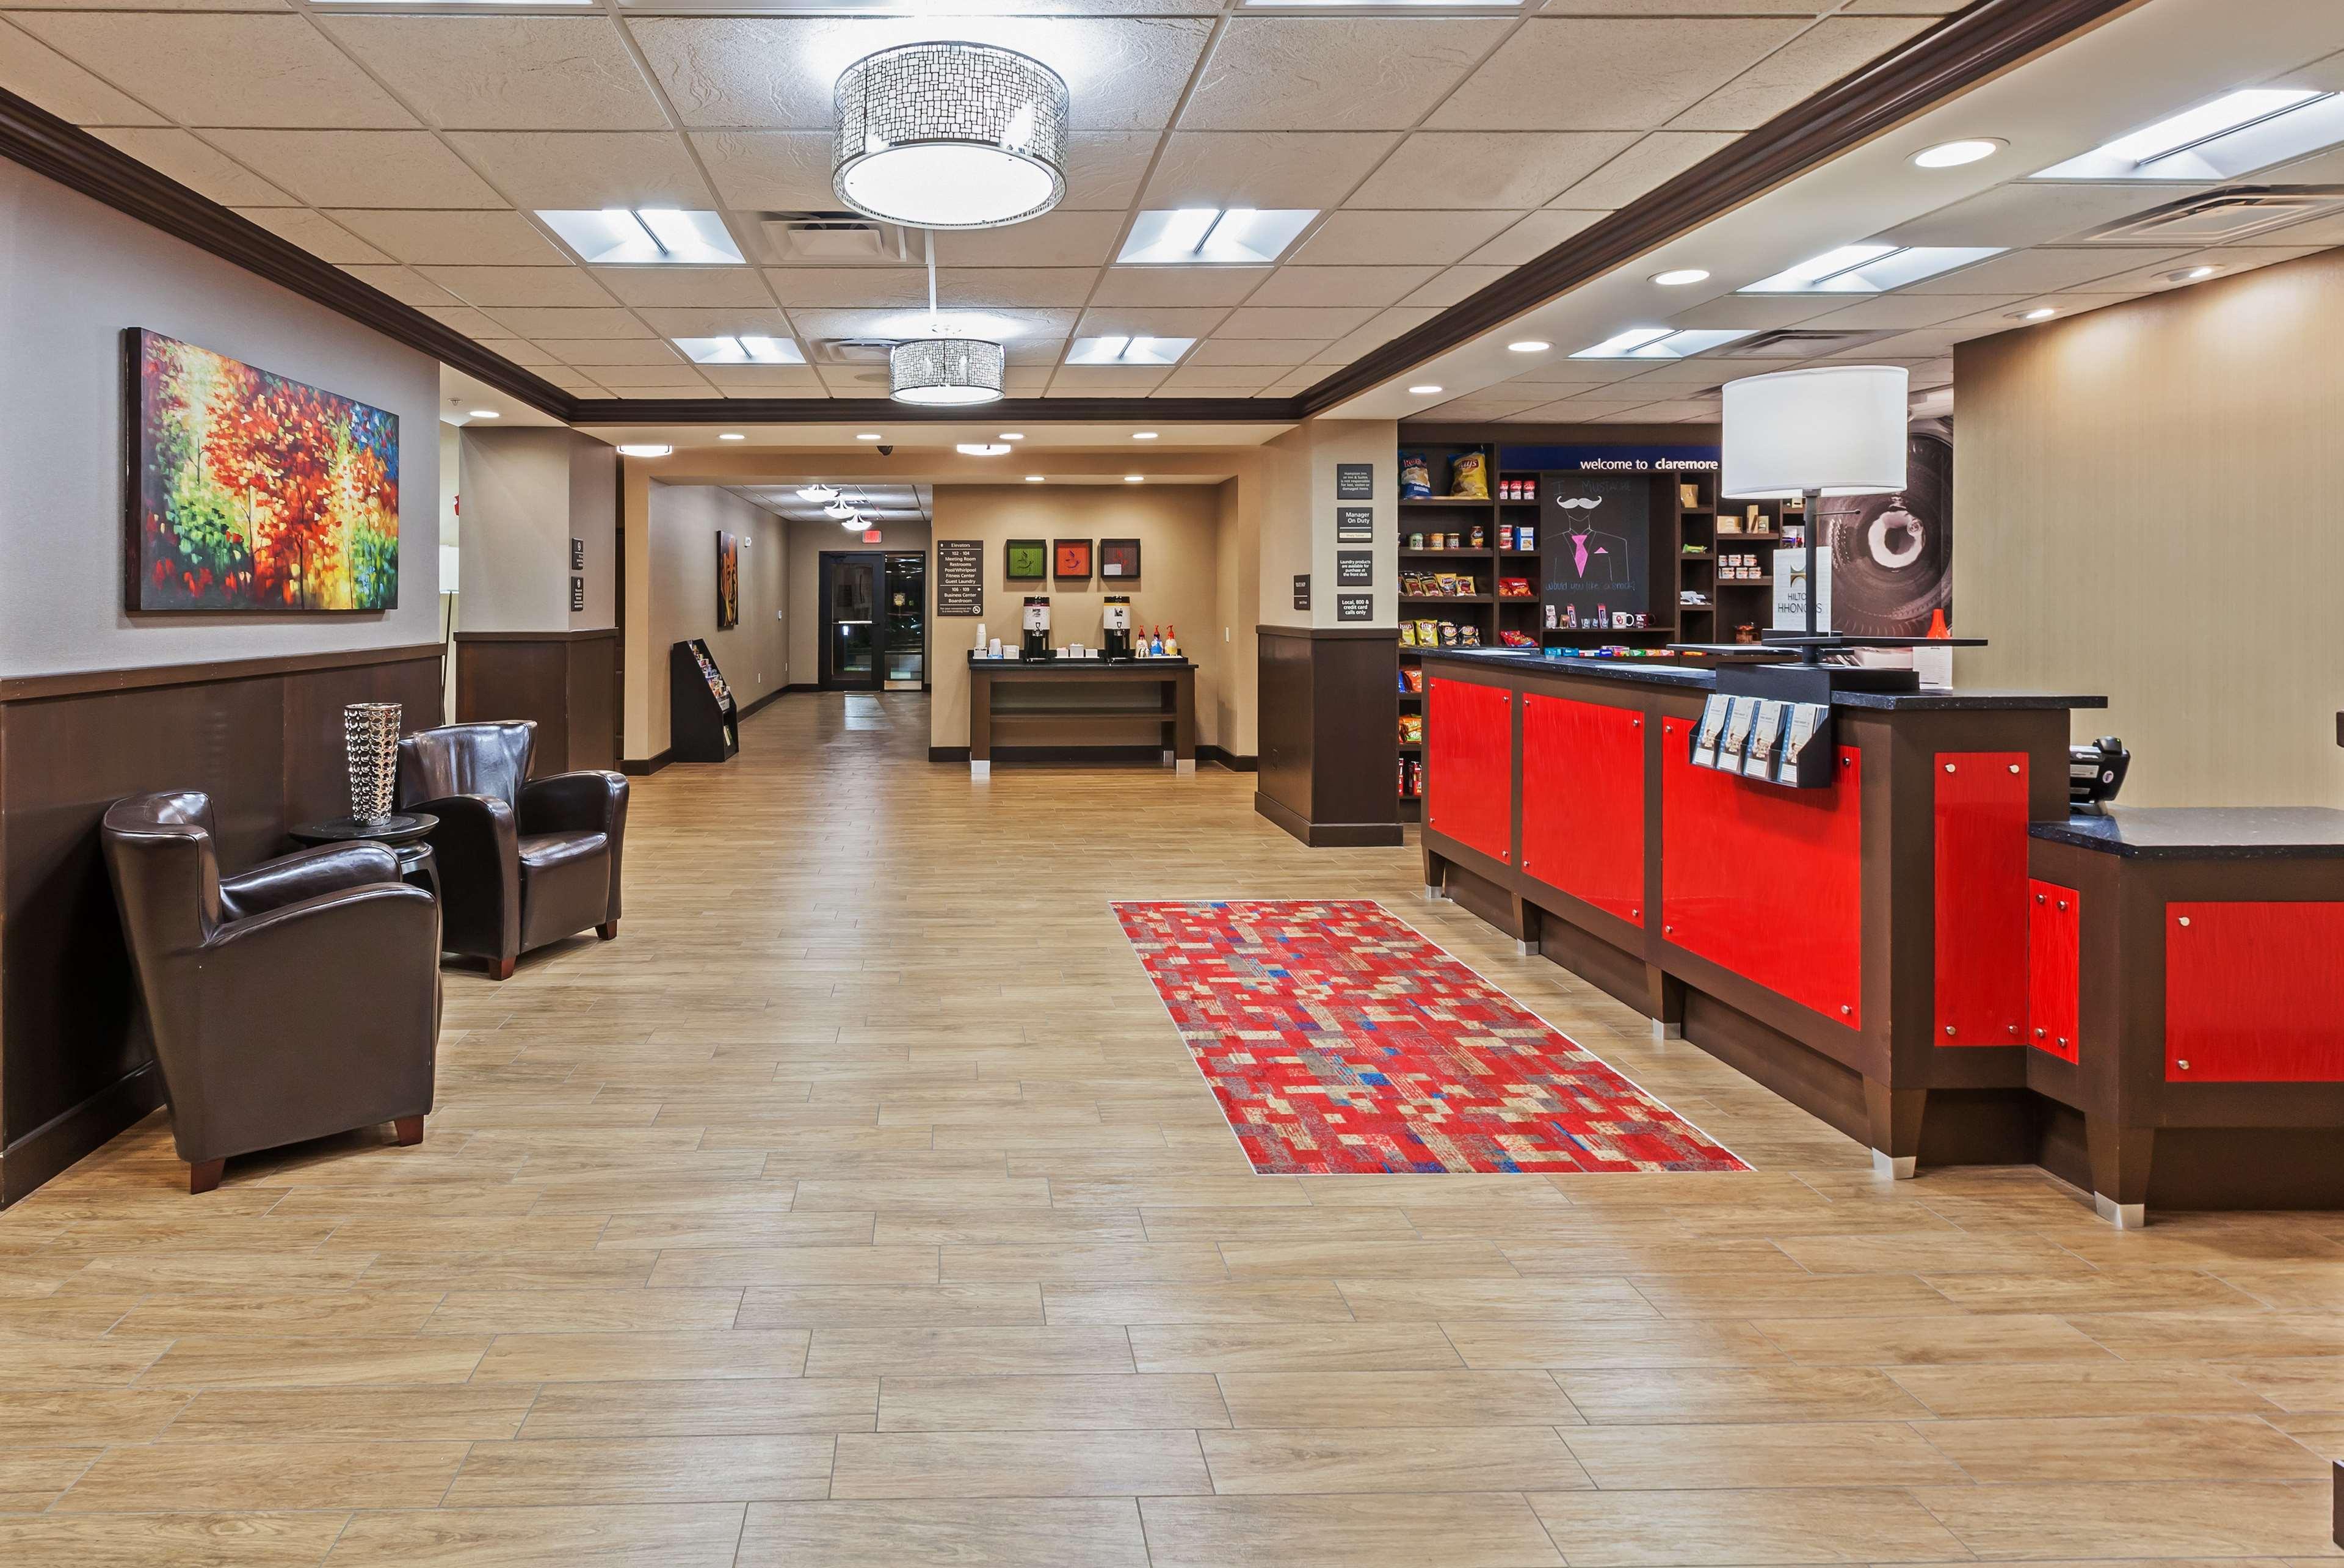 Hampton Inn & Suites Claremore image 7